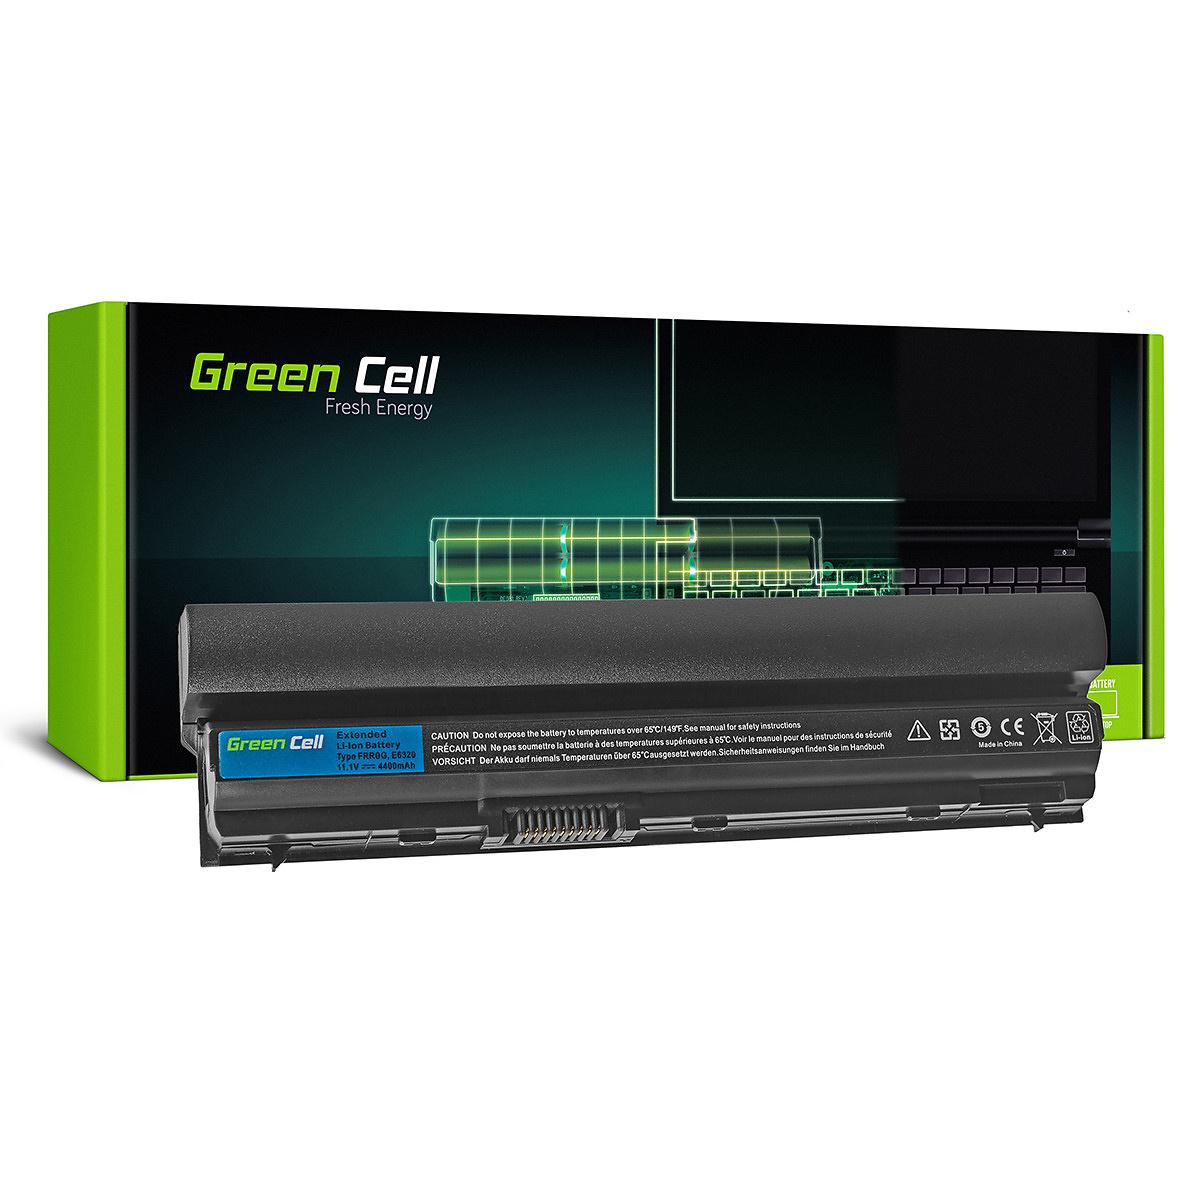 Green Cell Batteri för Dell Latitude E6230 E6320, 11.1V 4400mAh